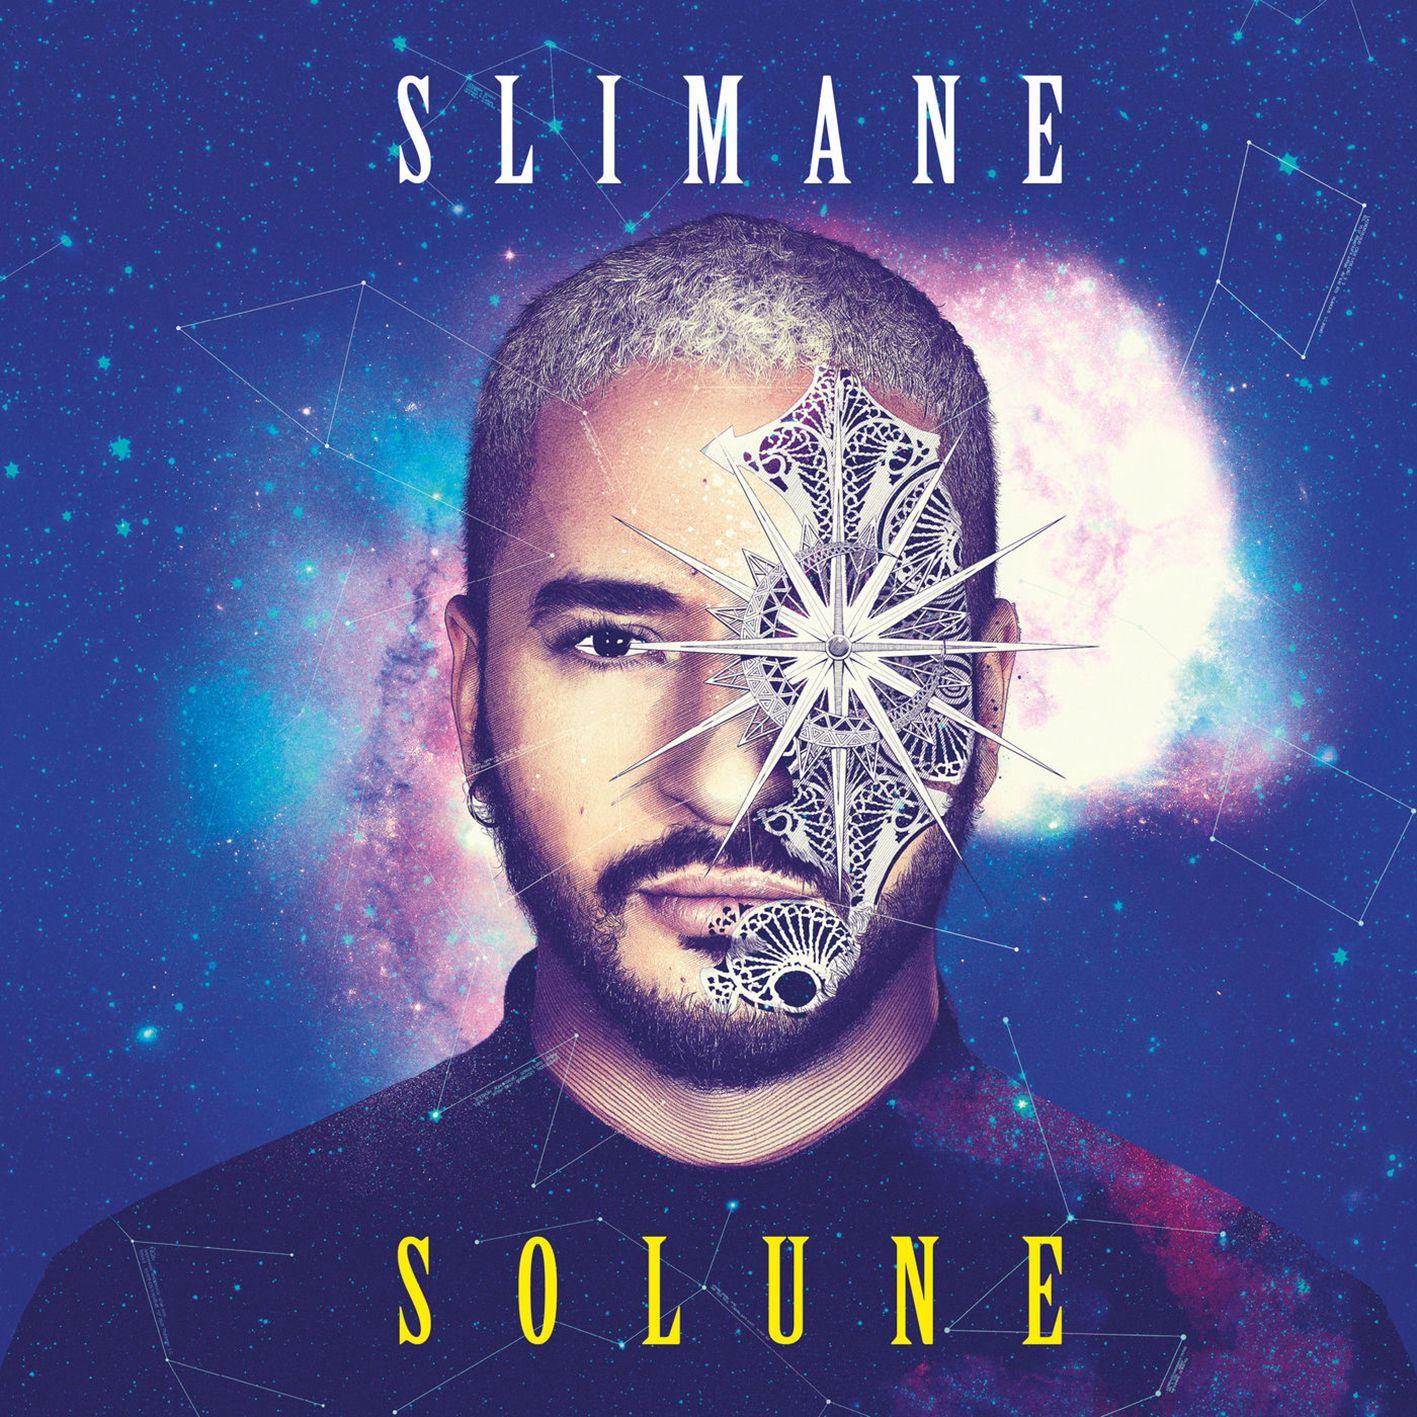 Slimane - Solune album cover